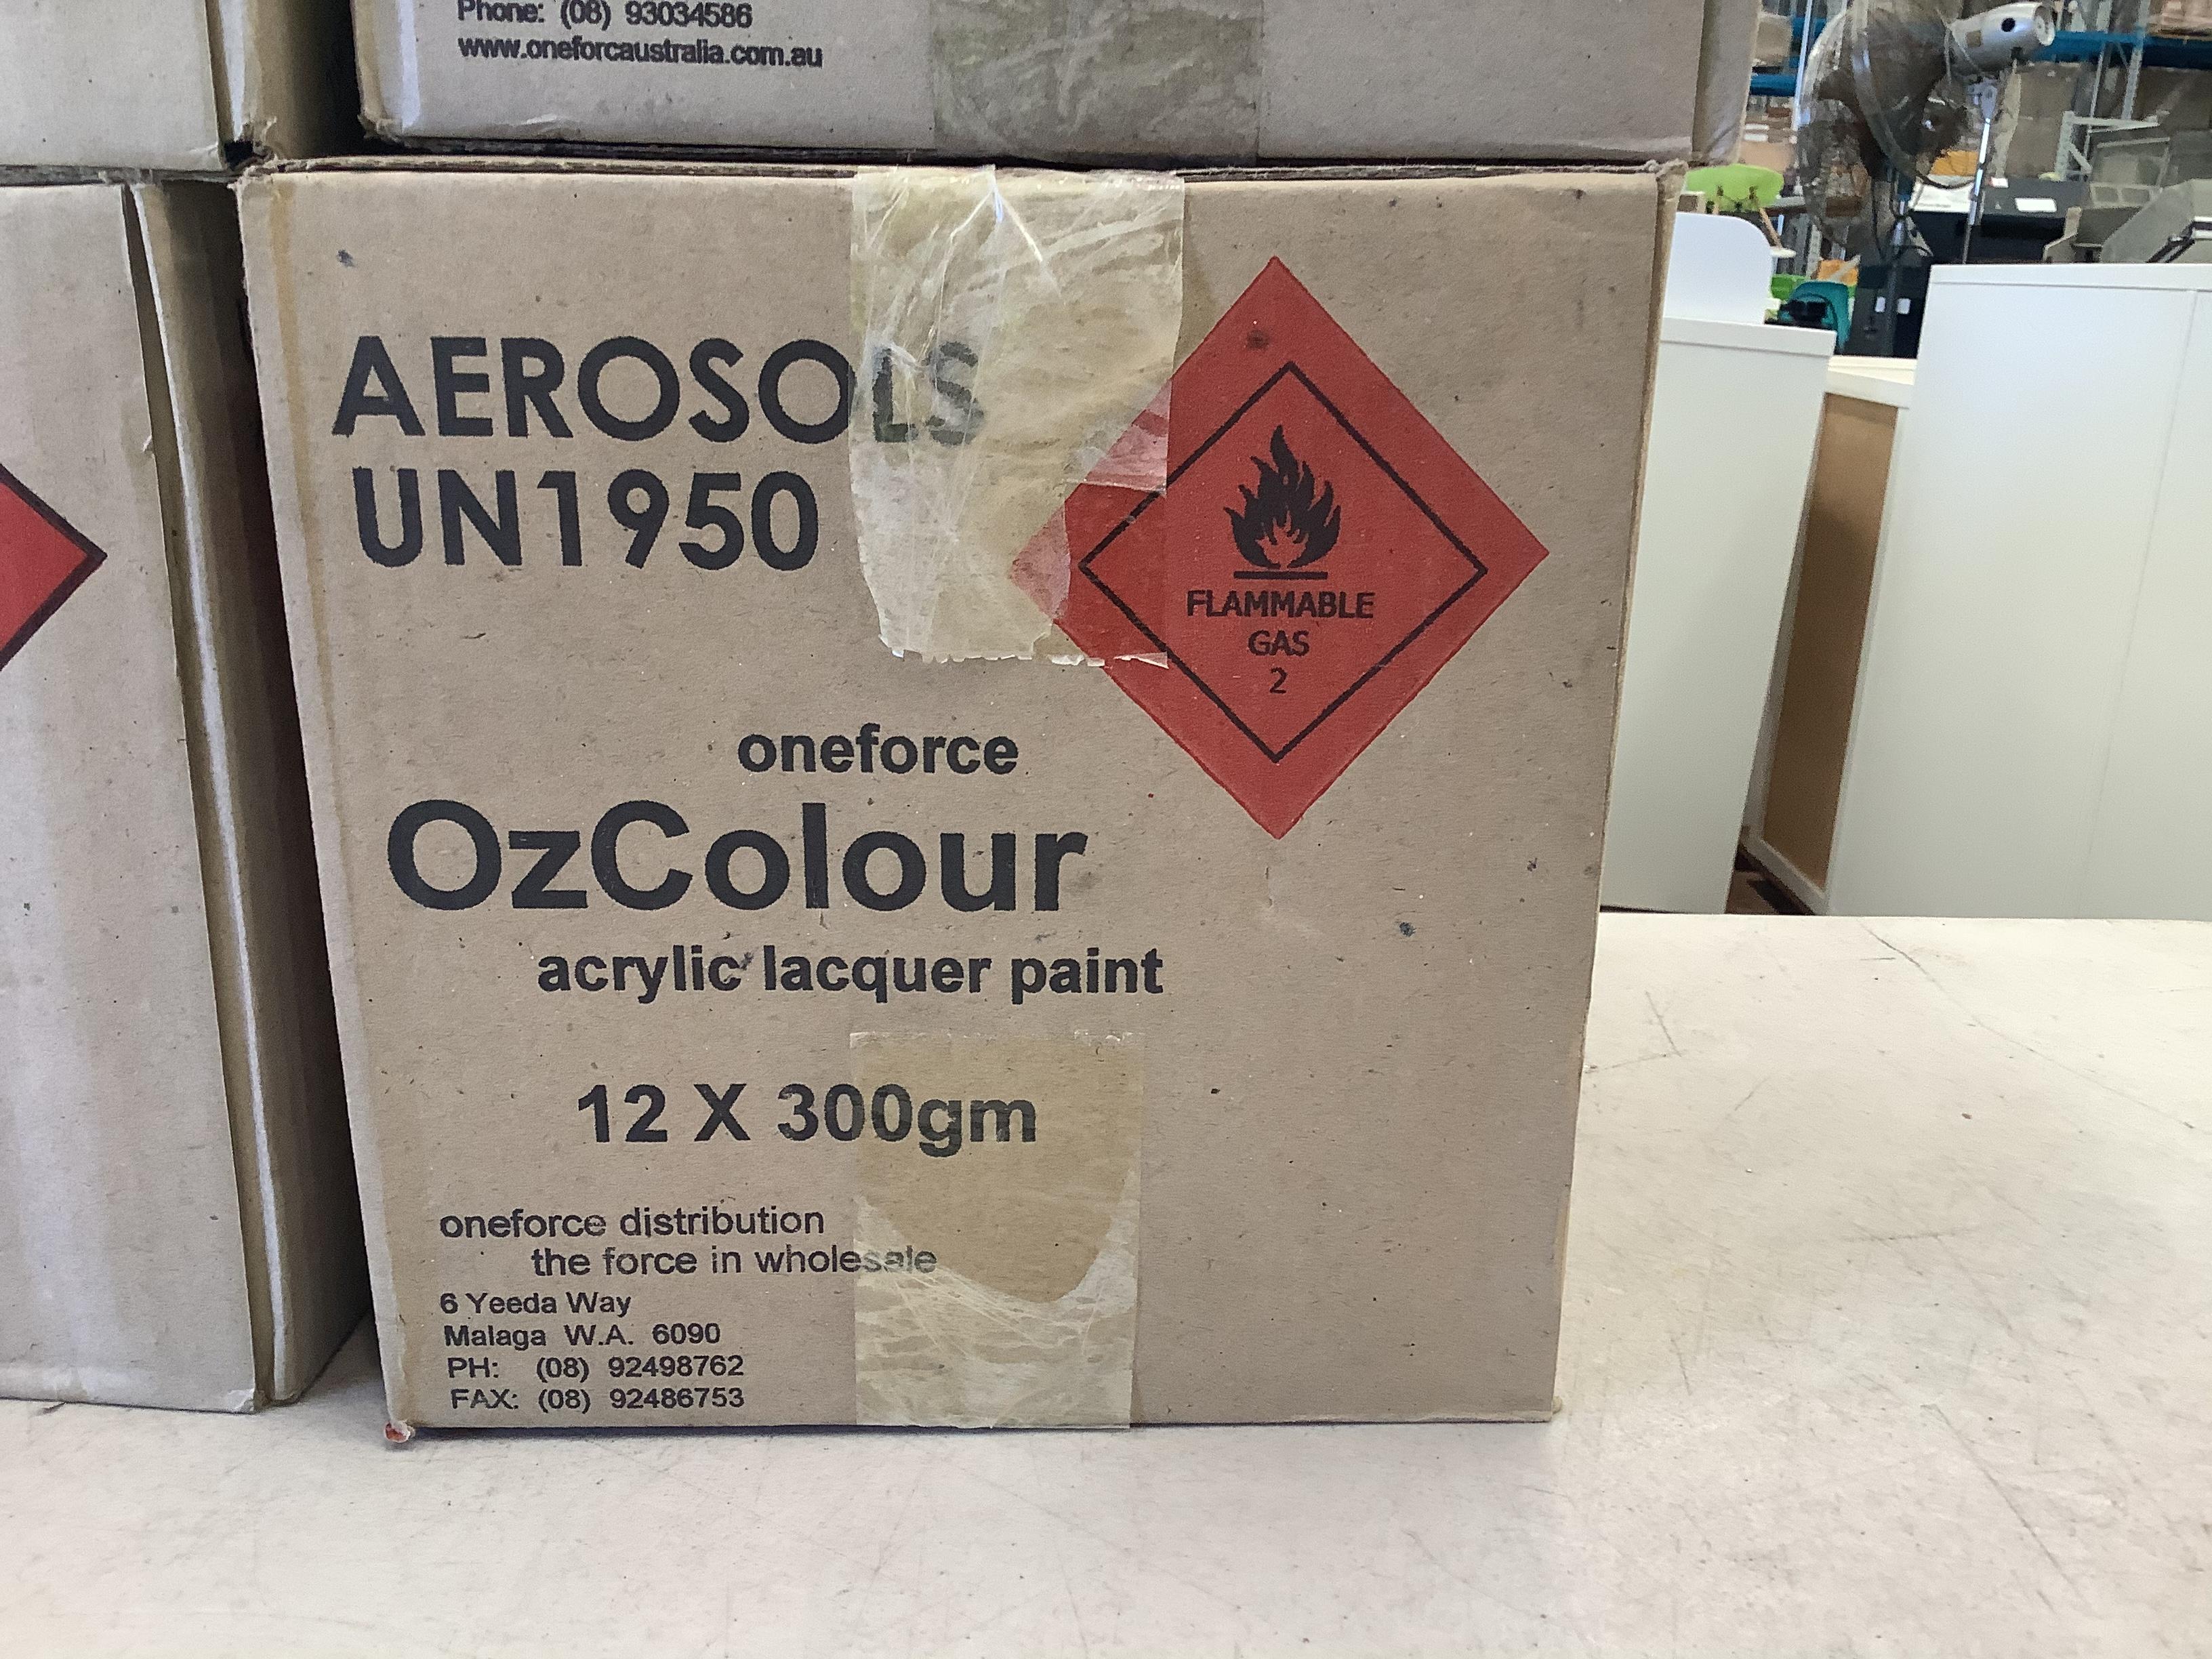 OzColour Paint